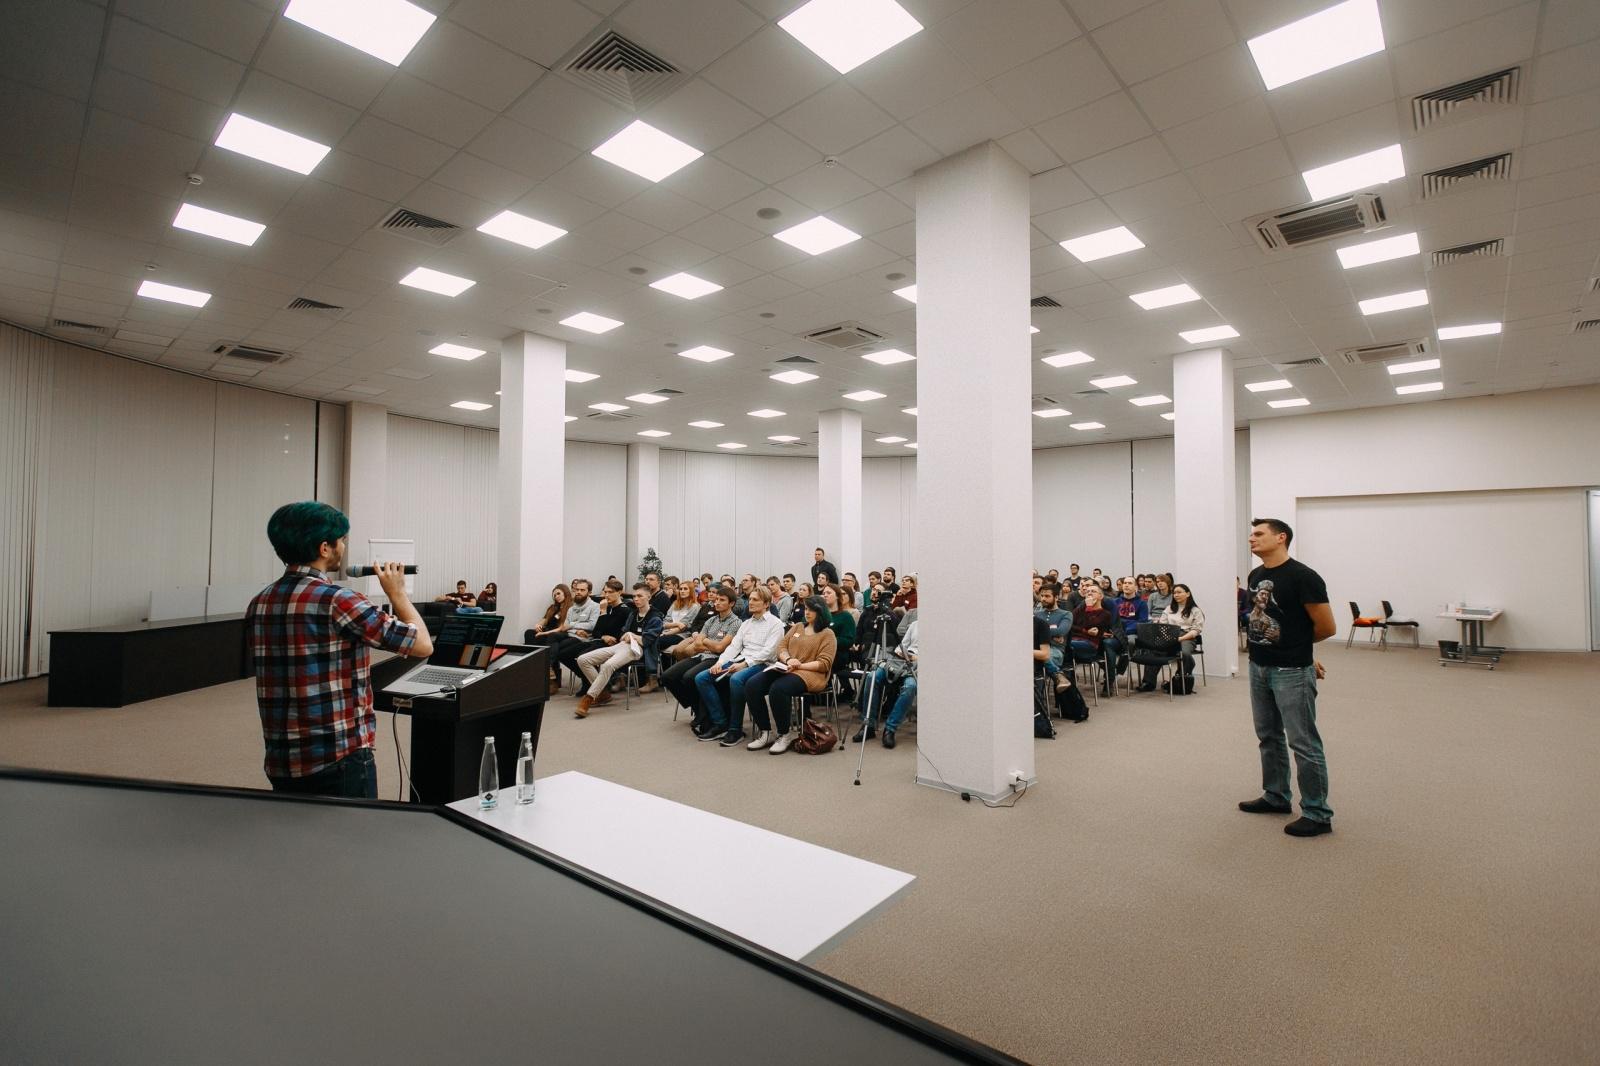 Ростов-на-Дону: IT-компании, сообщества и мероприятия в 2019 году - 12